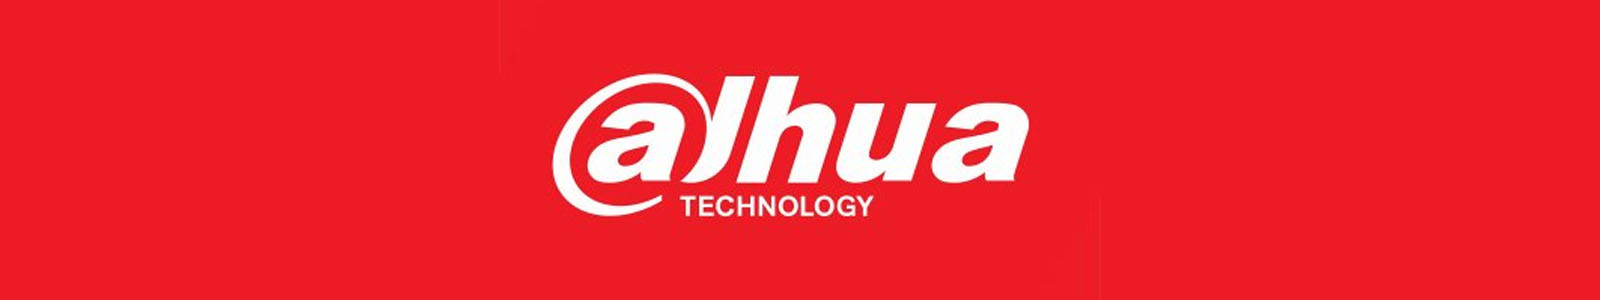 Distribudor Oficial Dahua